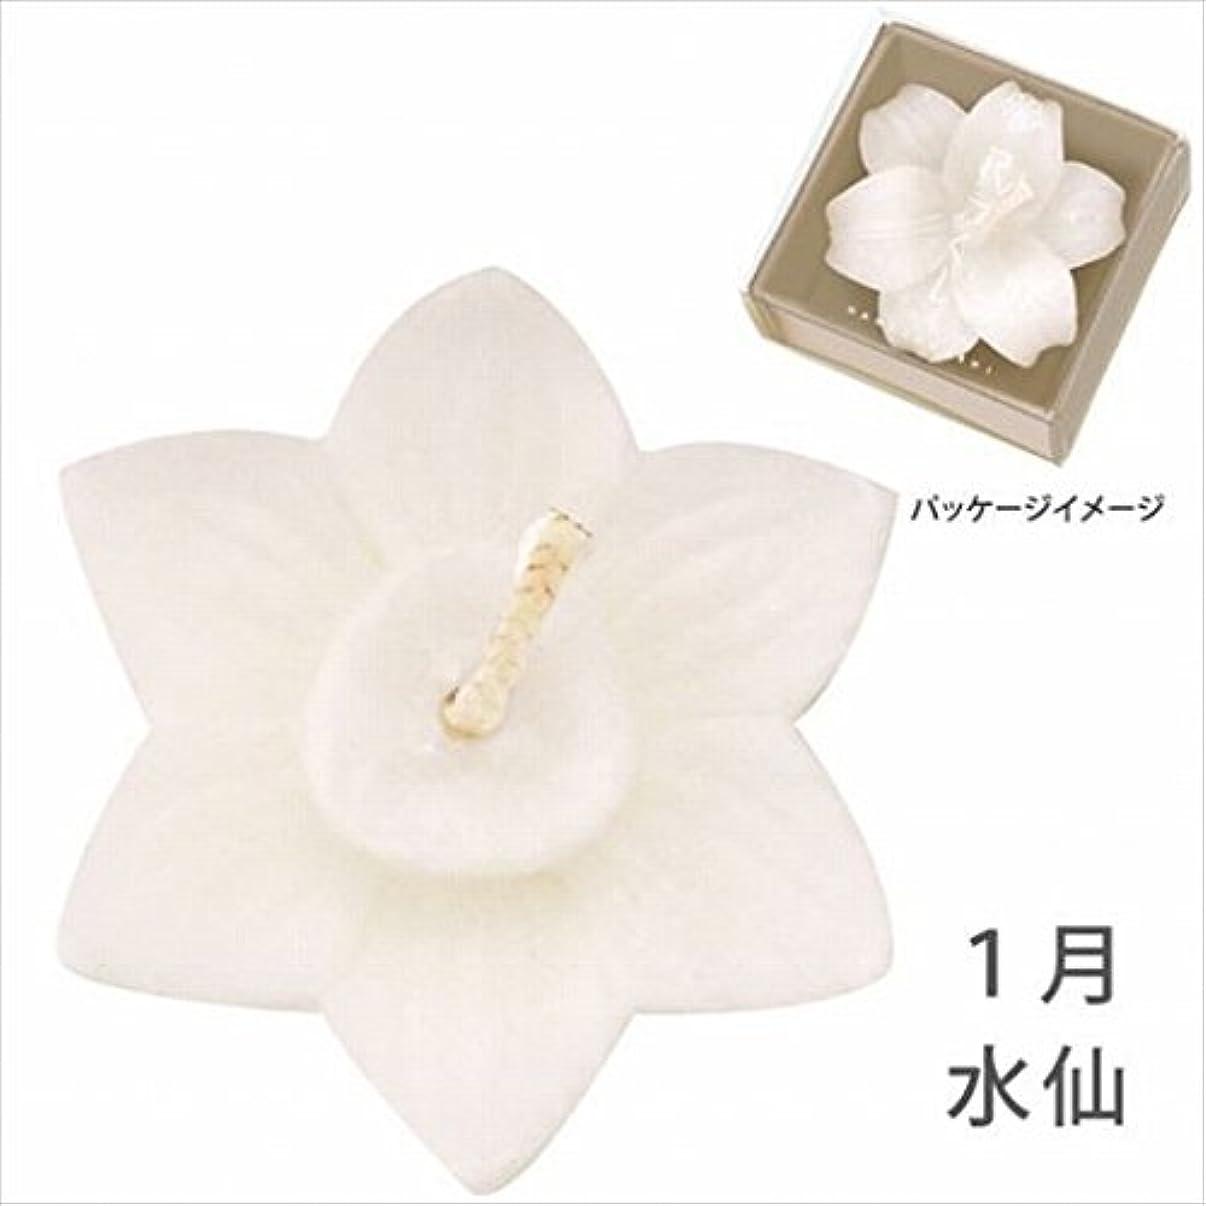 製造サイトライン繊毛カメヤマキャンドル( kameyama candle ) 花づくし(植物性) 水仙 「 水仙(1月) 」 キャンドル